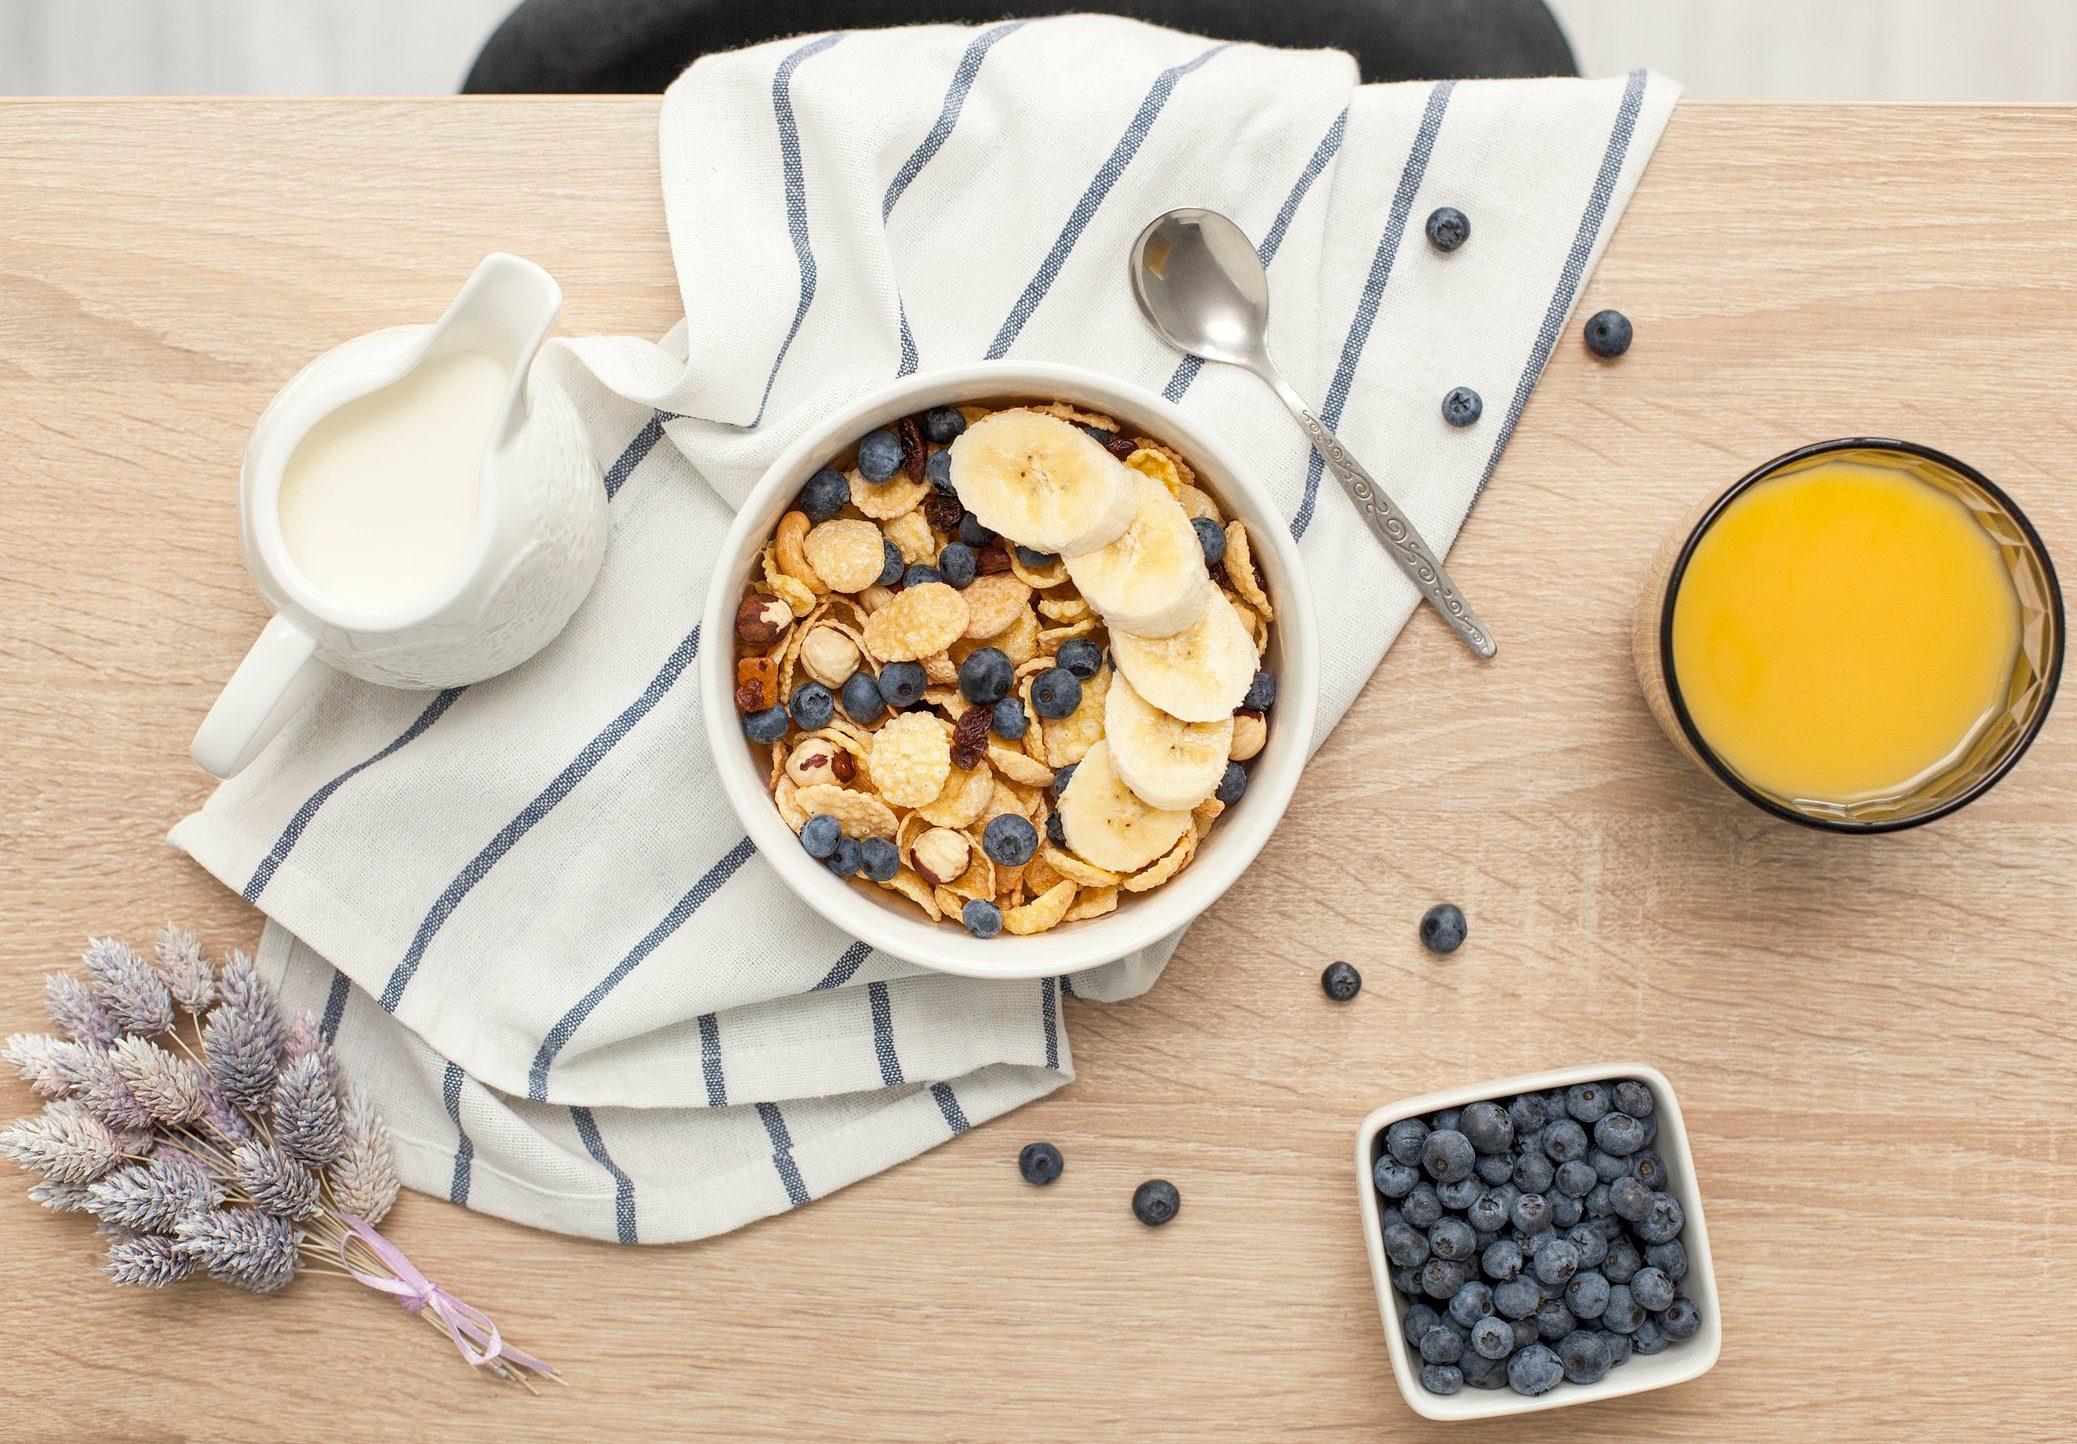 doctors eat for breakfast | breakfast cereal